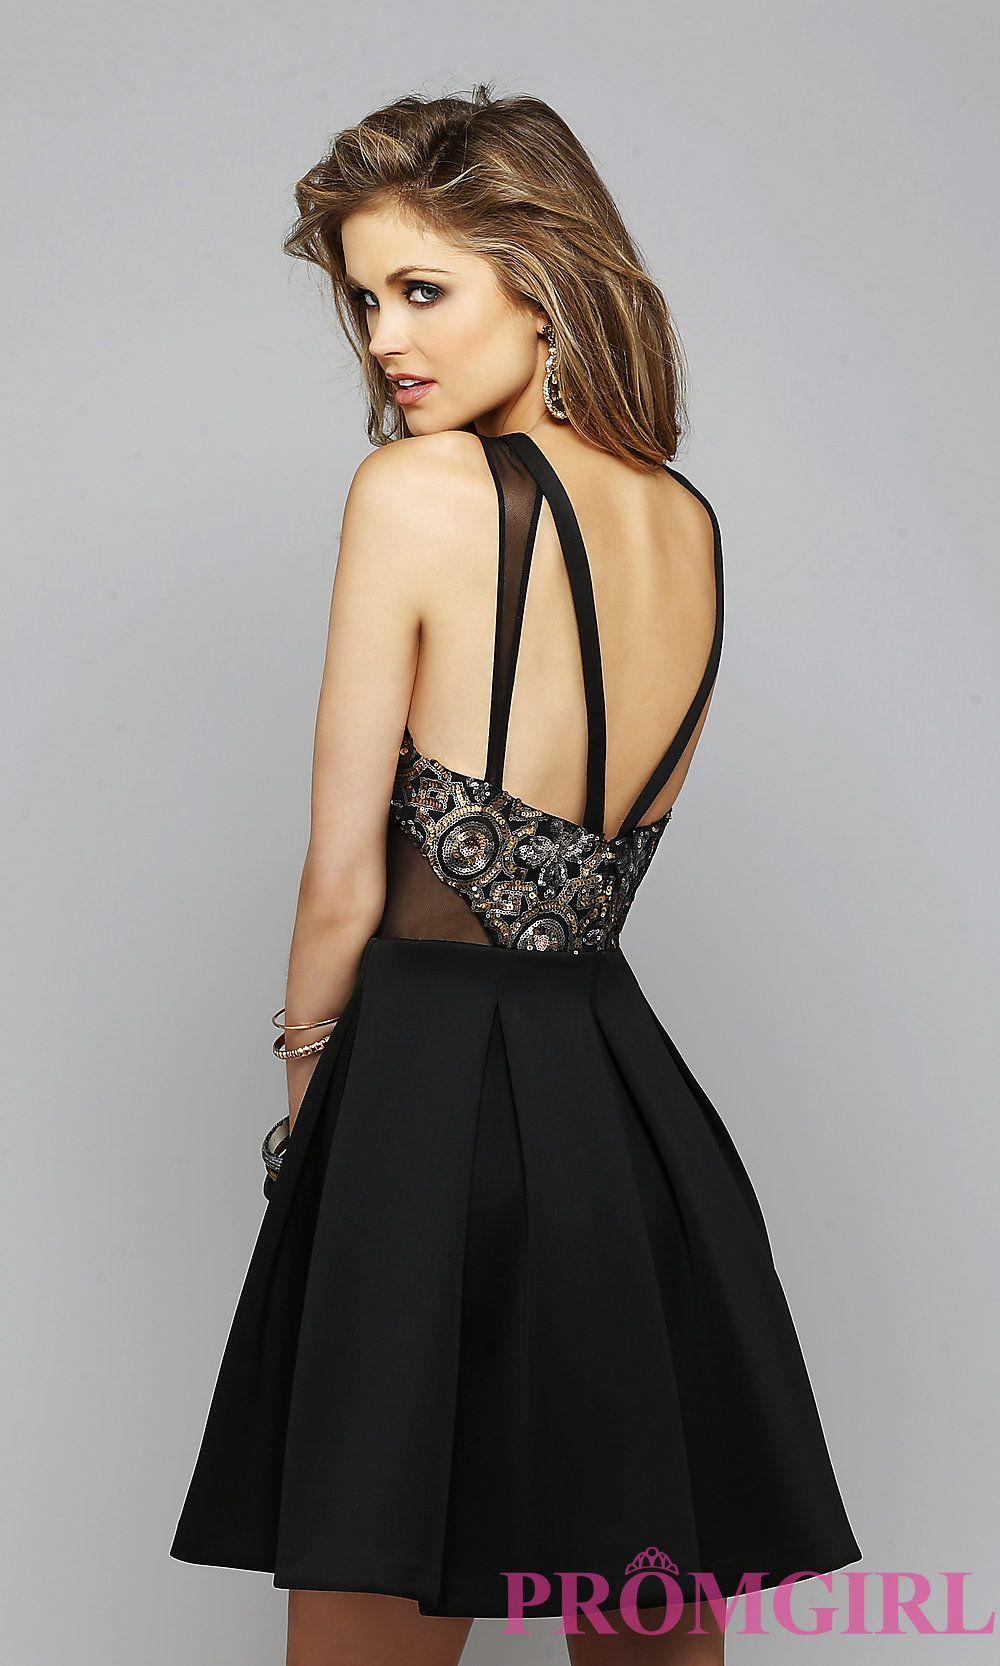 Image of Black Open Back Short Dress Back Image | Dresses & Outfits ...